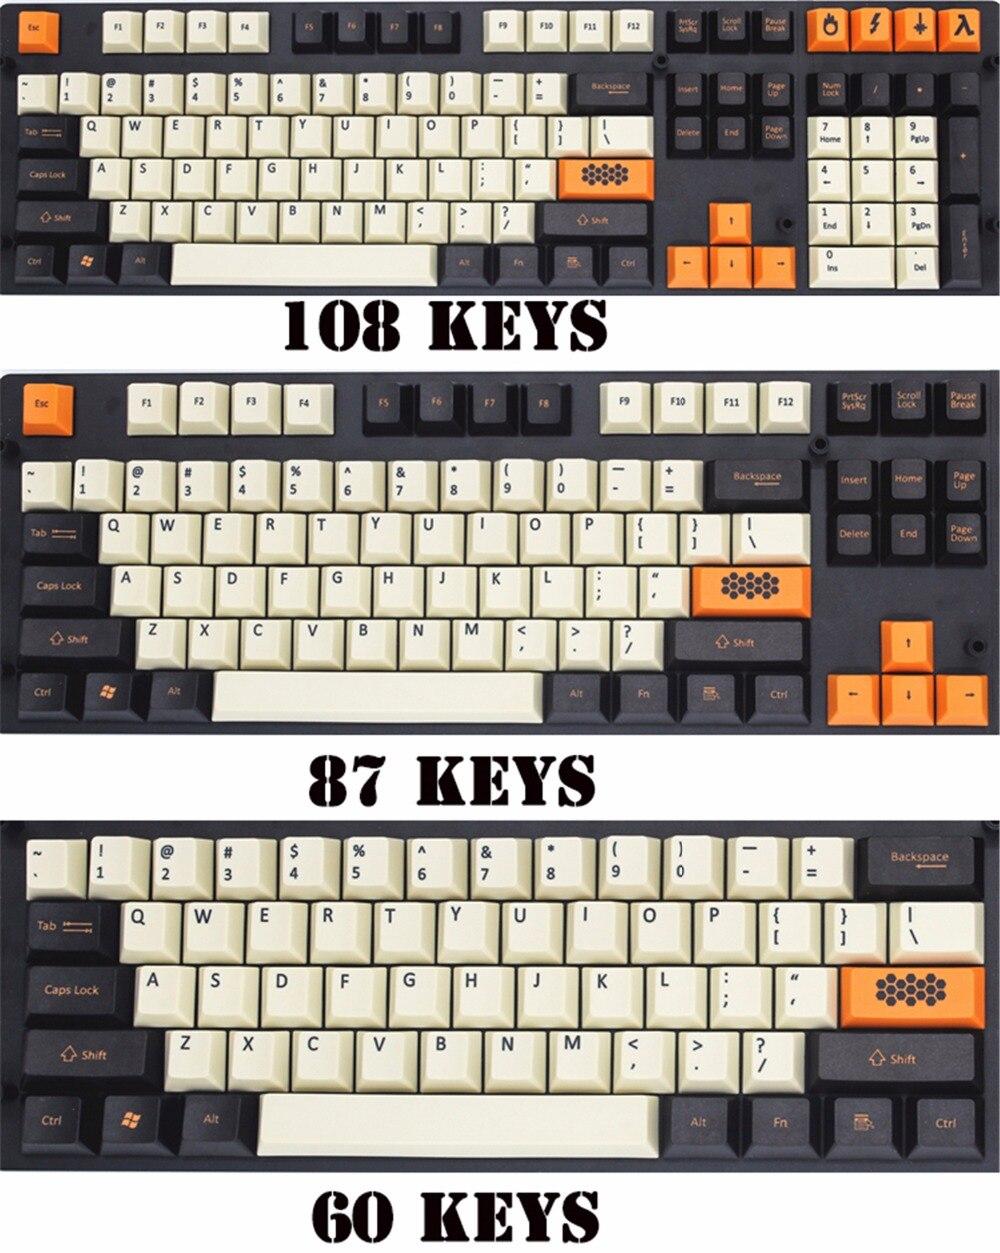 Углерода 108/125 ключи pbt Вишневый Оригинальный высота Keycap dye-сублимируется клавиши для механической клавиатуры